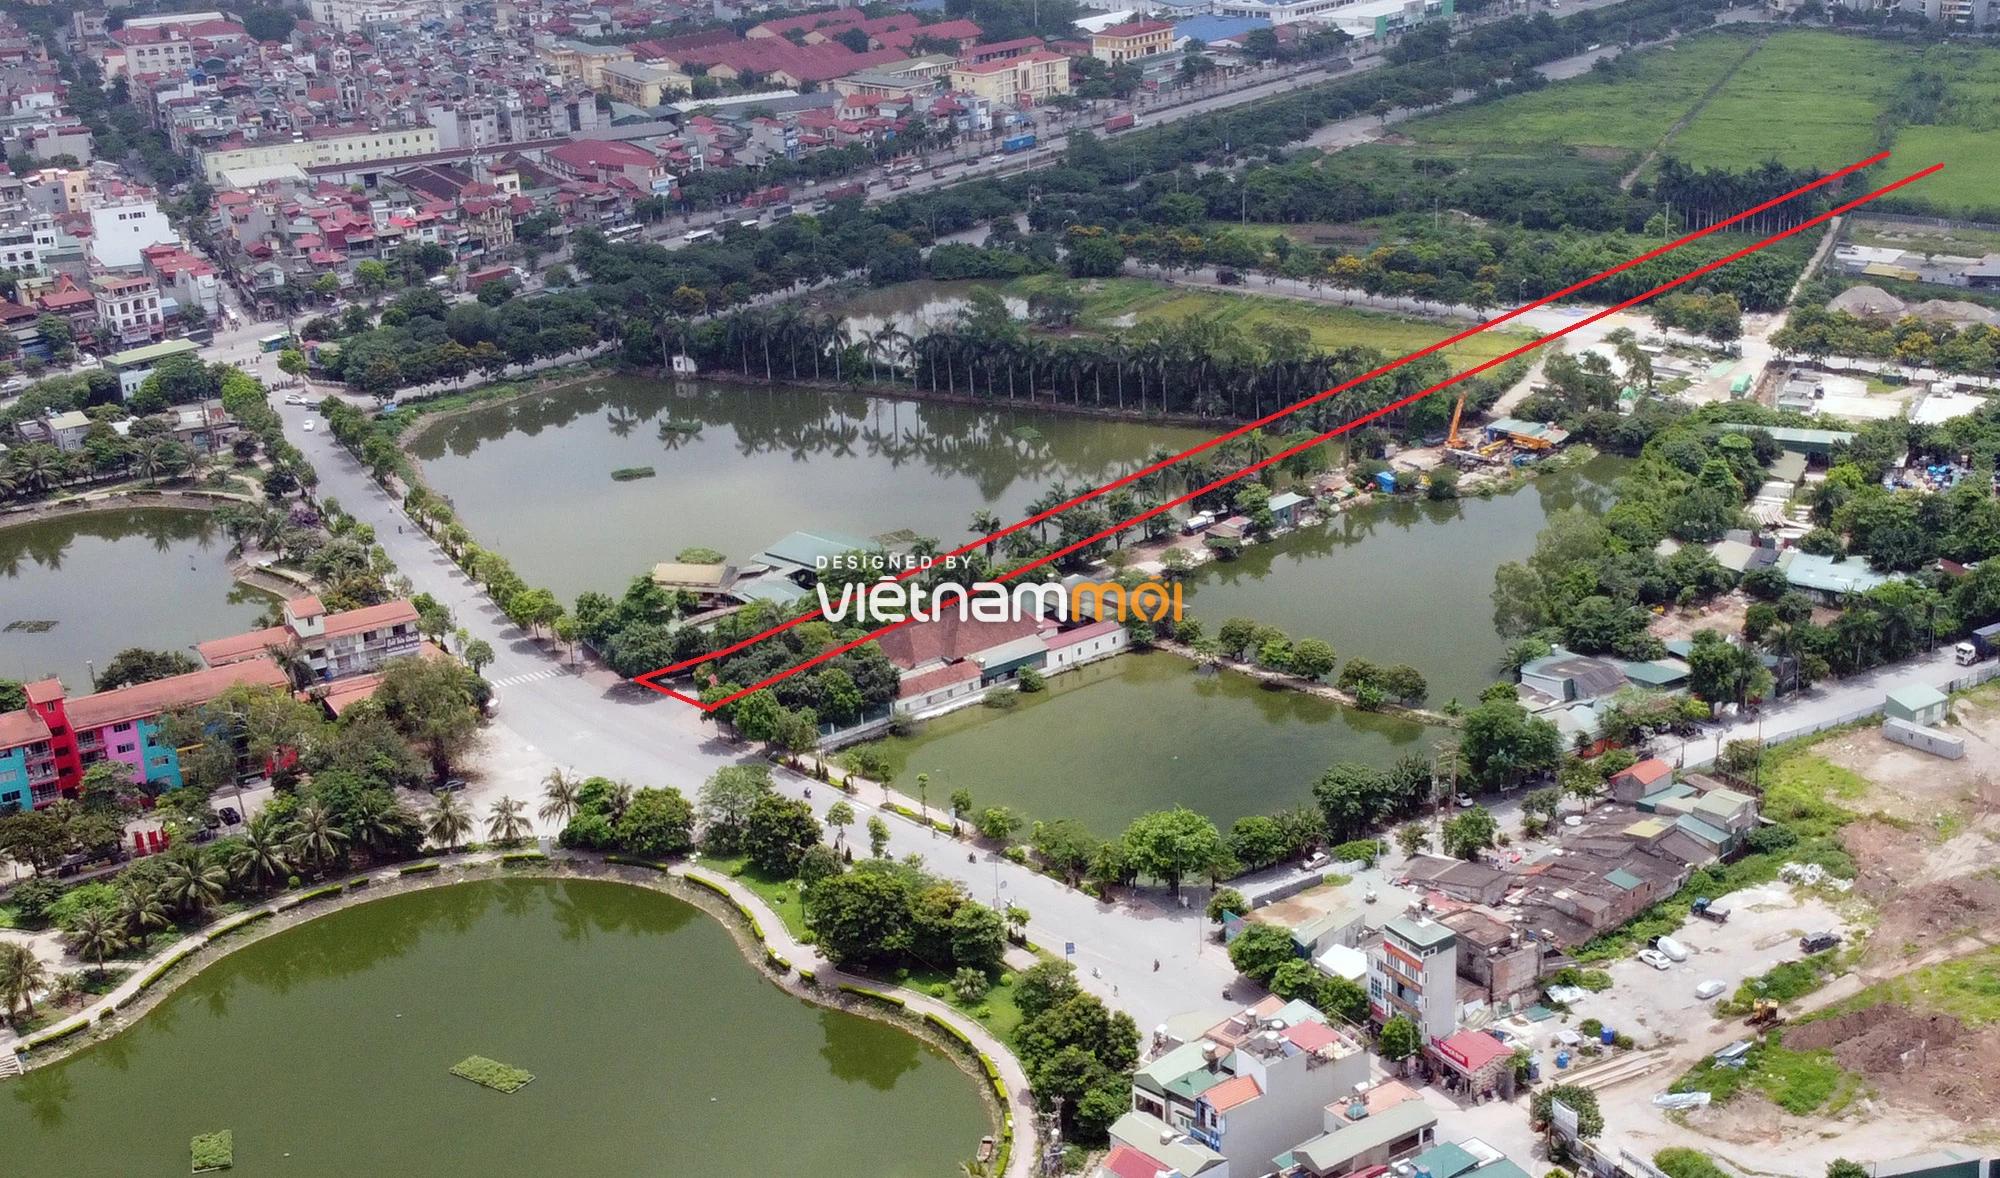 Những khu đất sắp thu hồi để mở đường ở phường Thạch Bàn, Long Biên, Hà Nội (phần 4) - Ảnh 4.